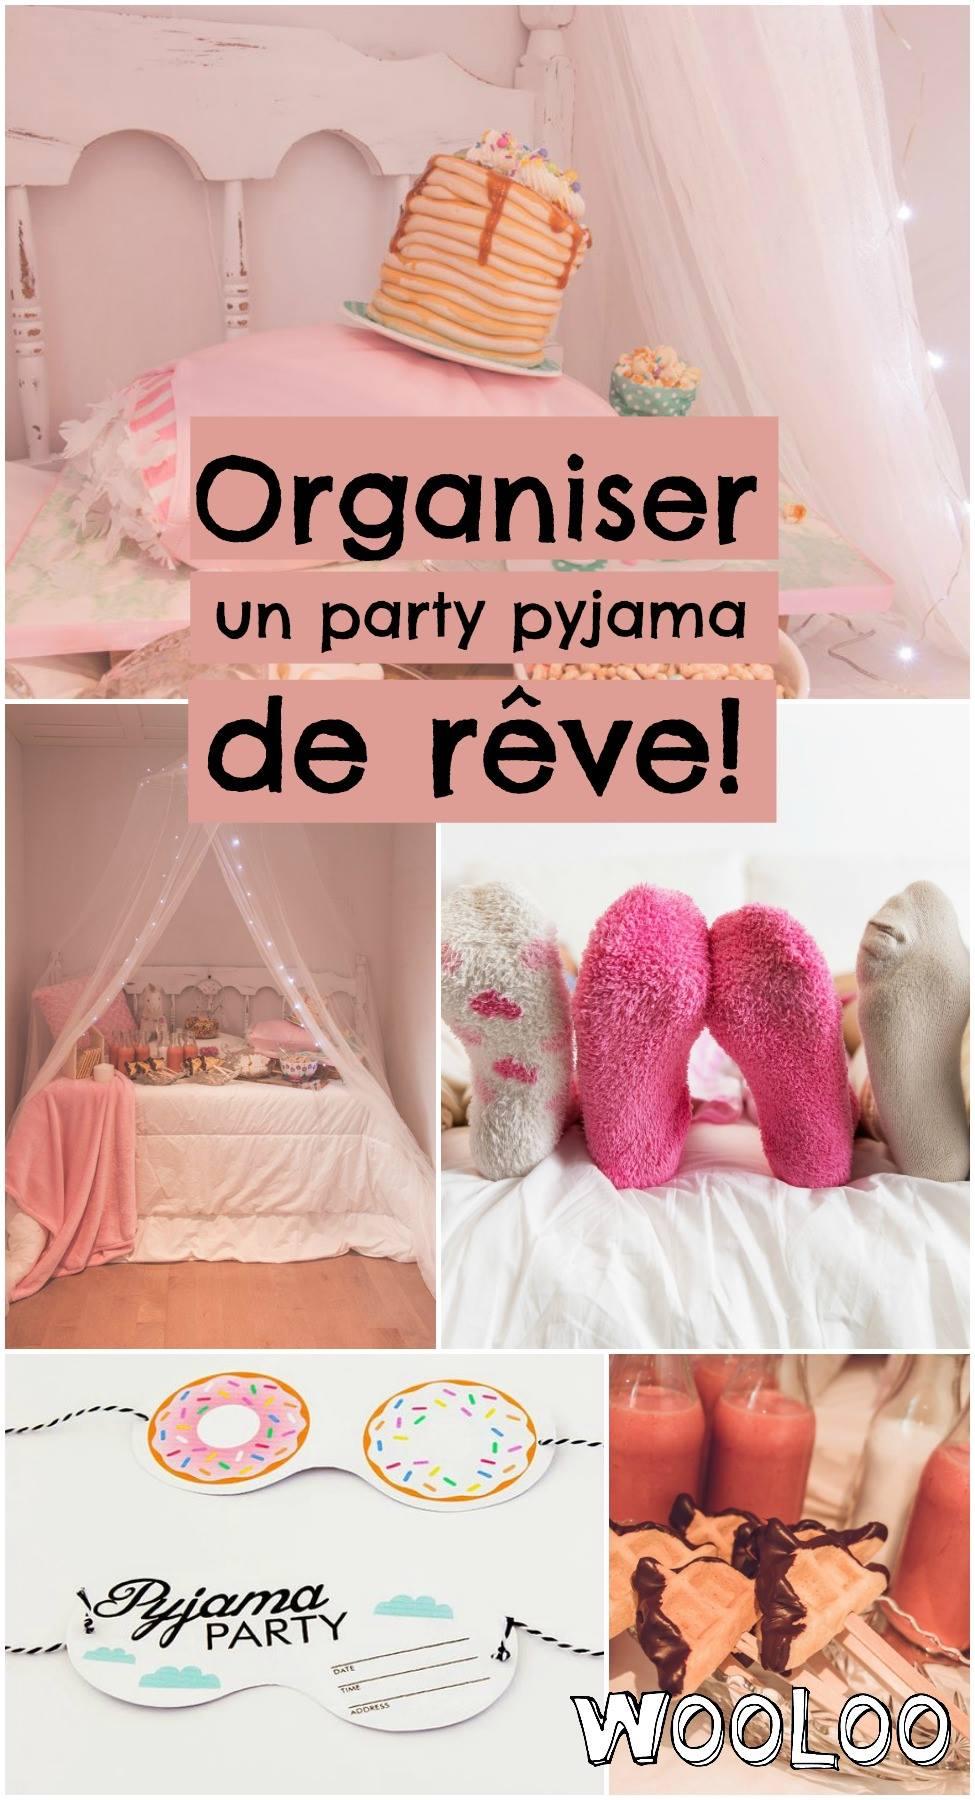 organiser un party pyjama de reve wooloo